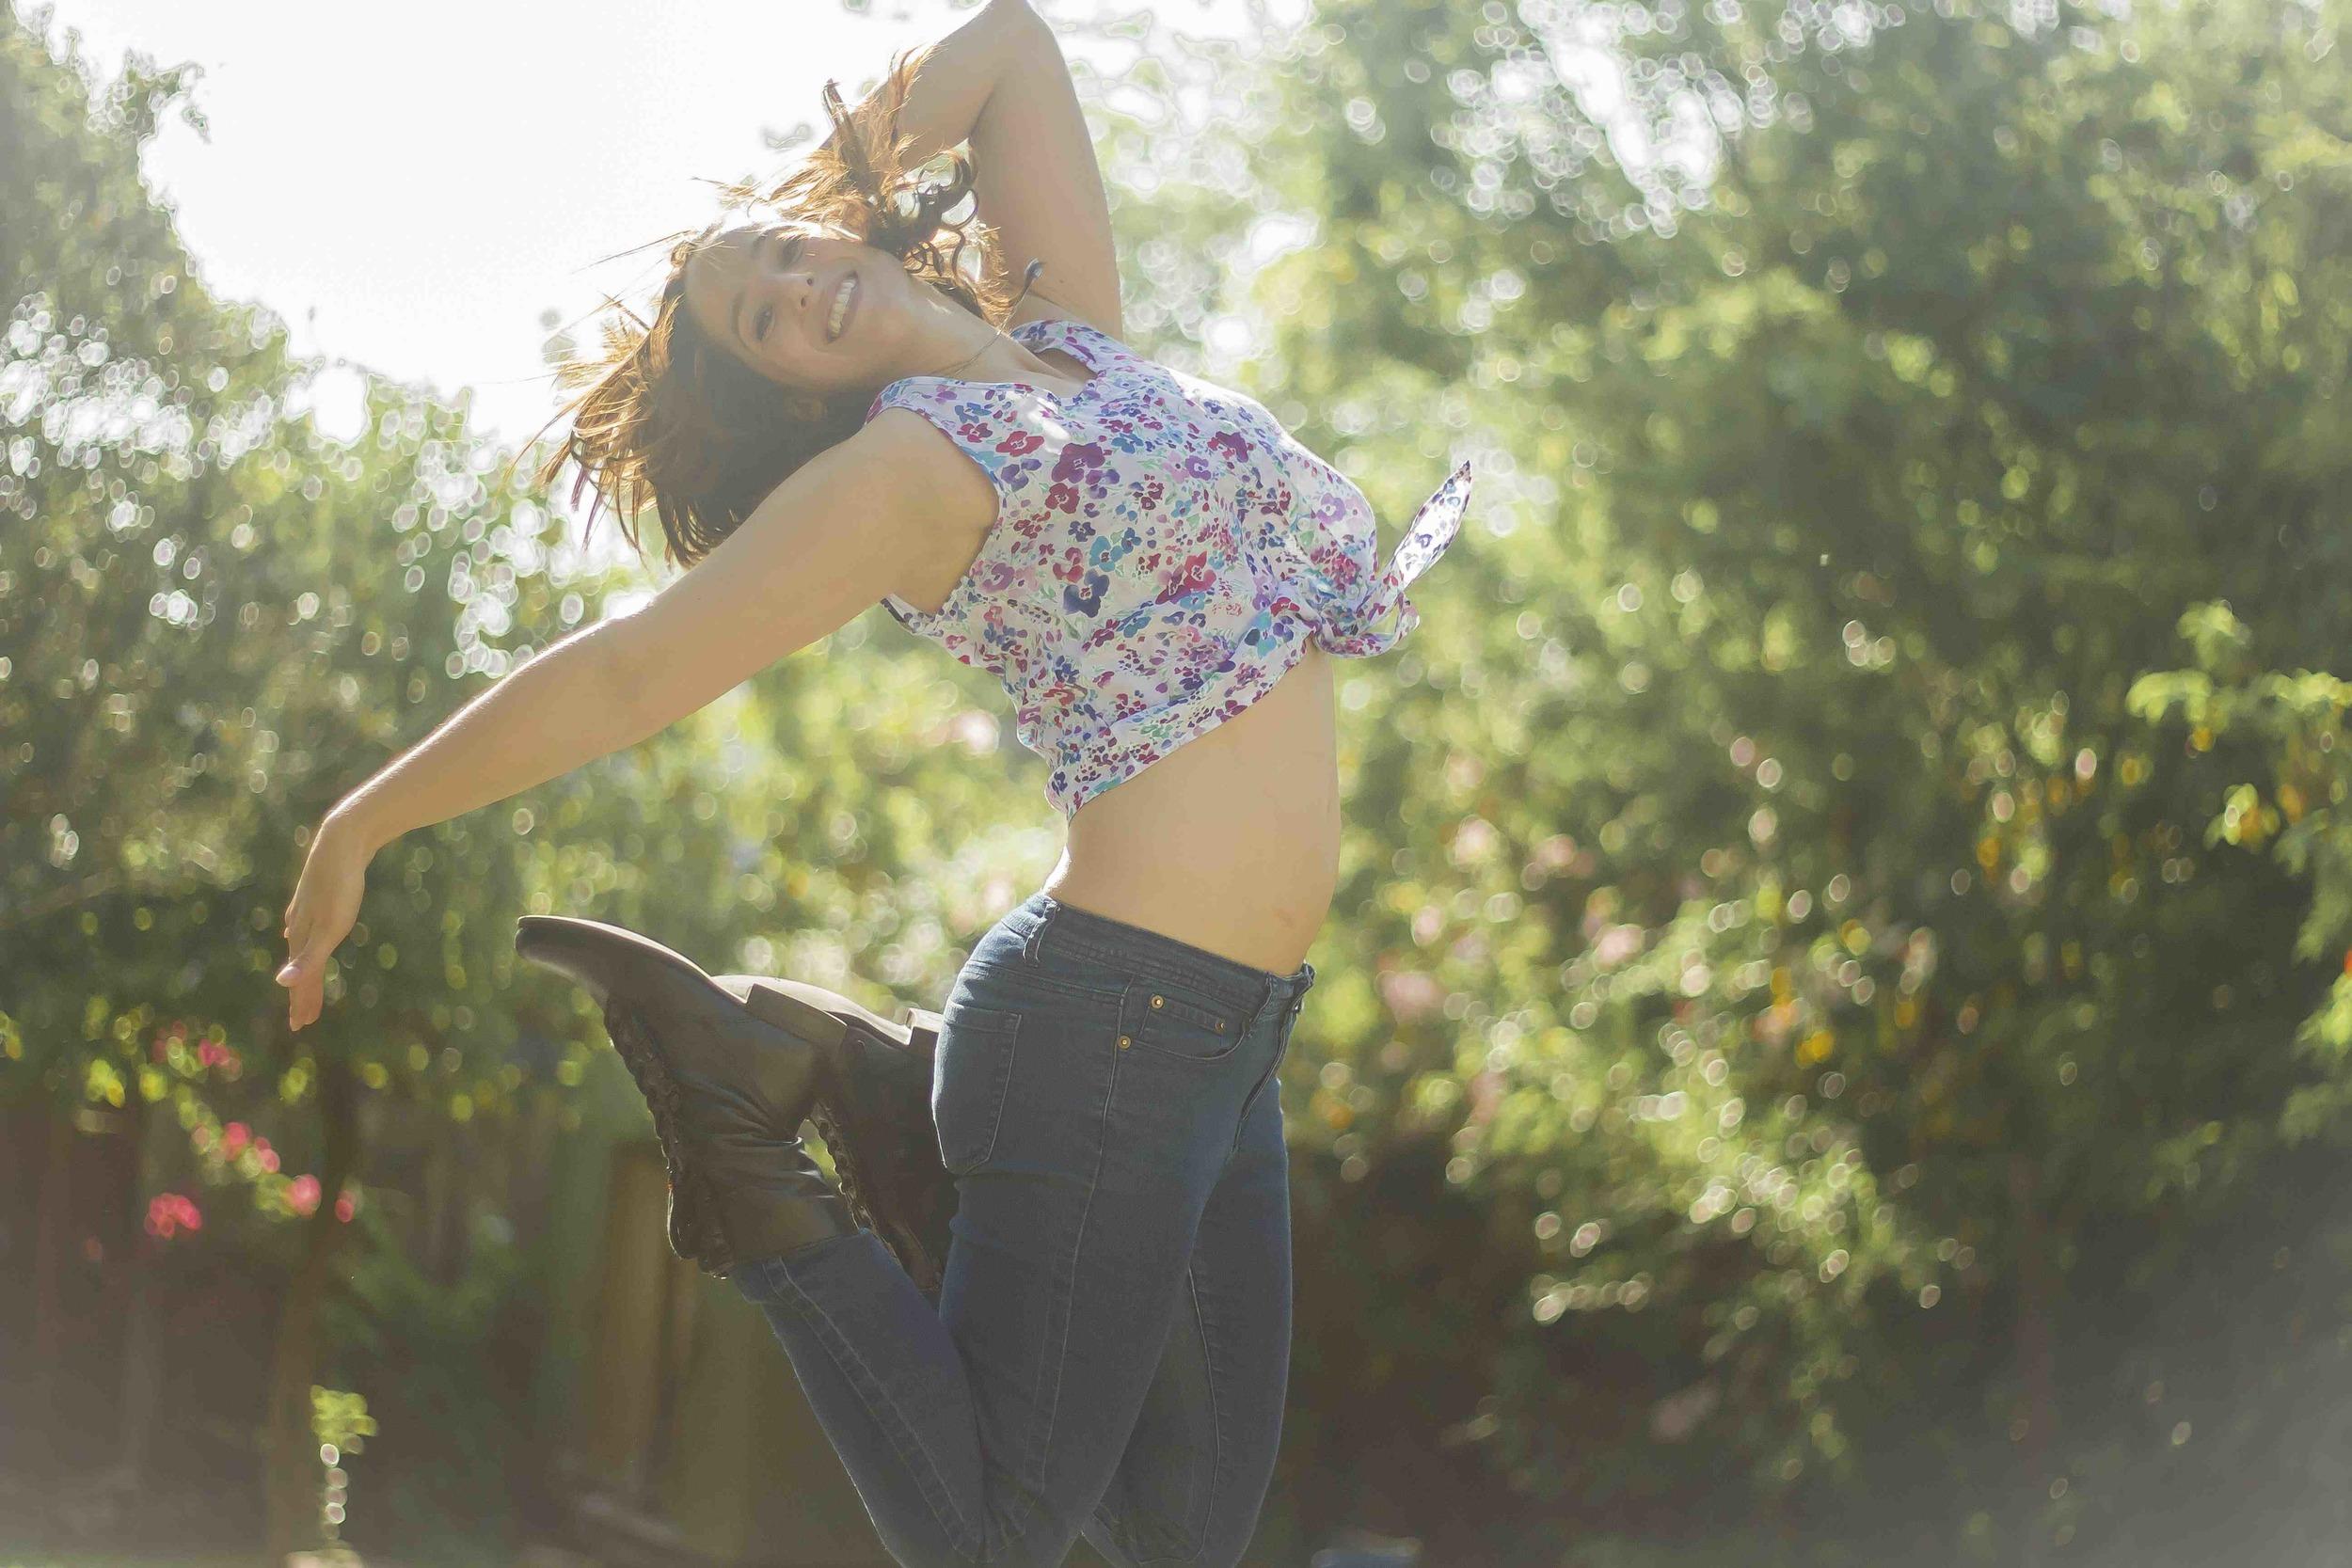 CASLIN_ROSE_DANCE-TRESS